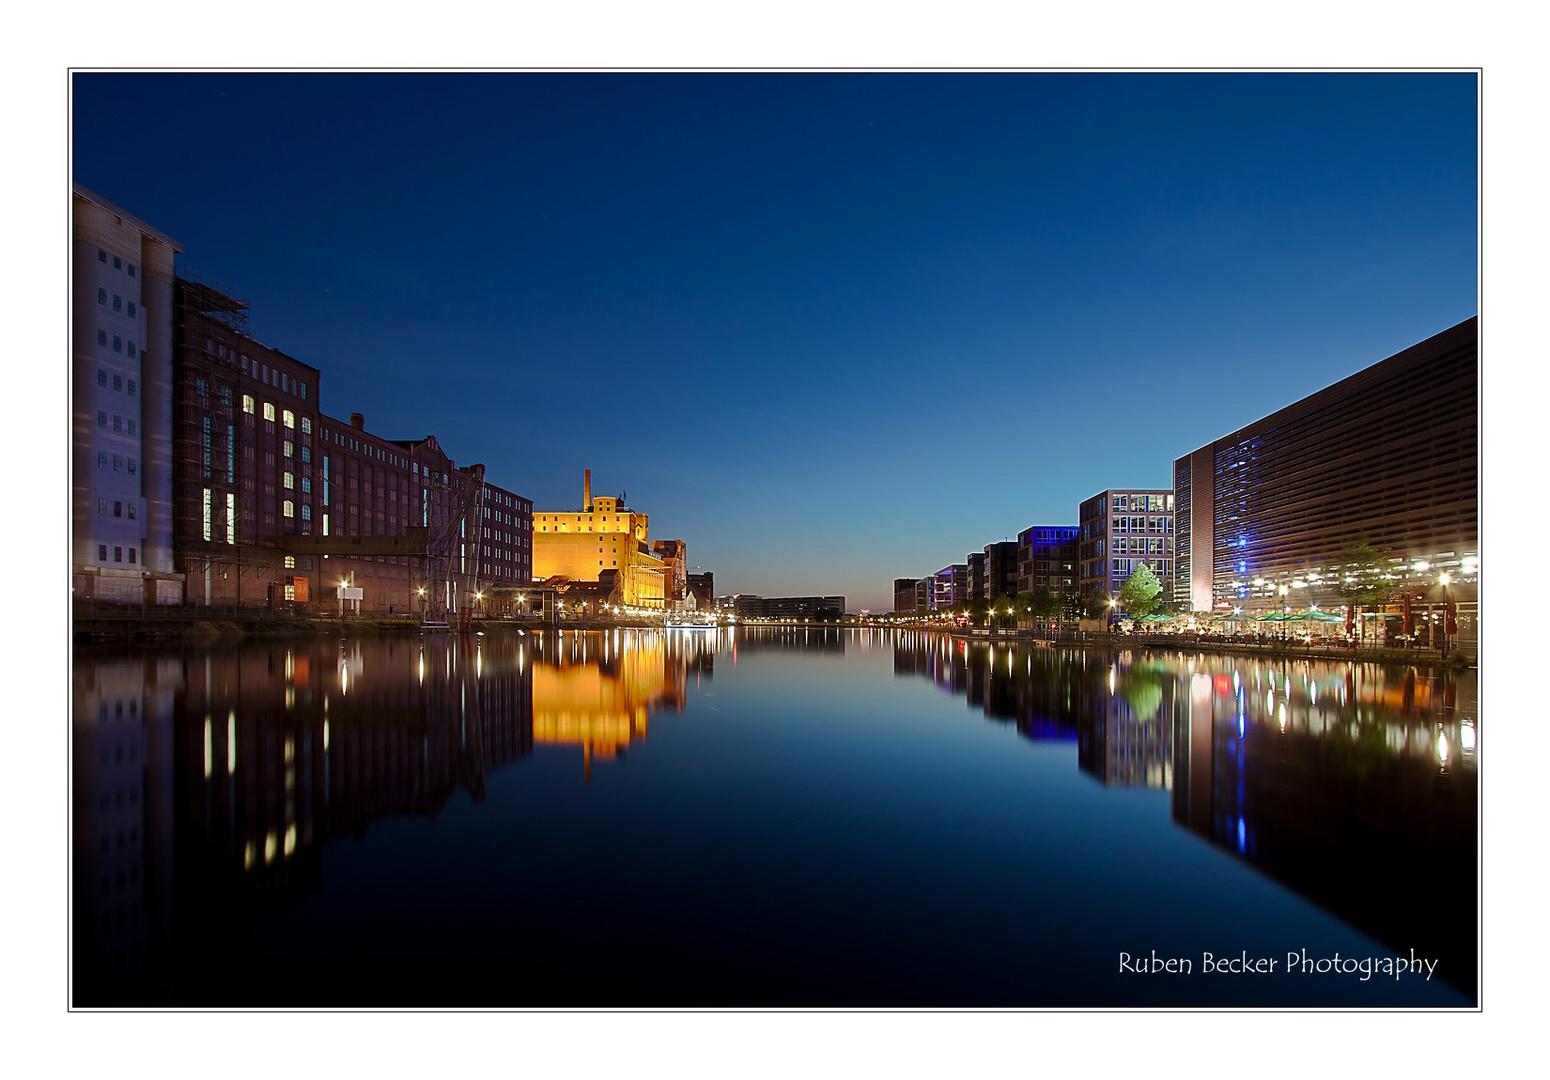 Der Innenhafen in Duisburg